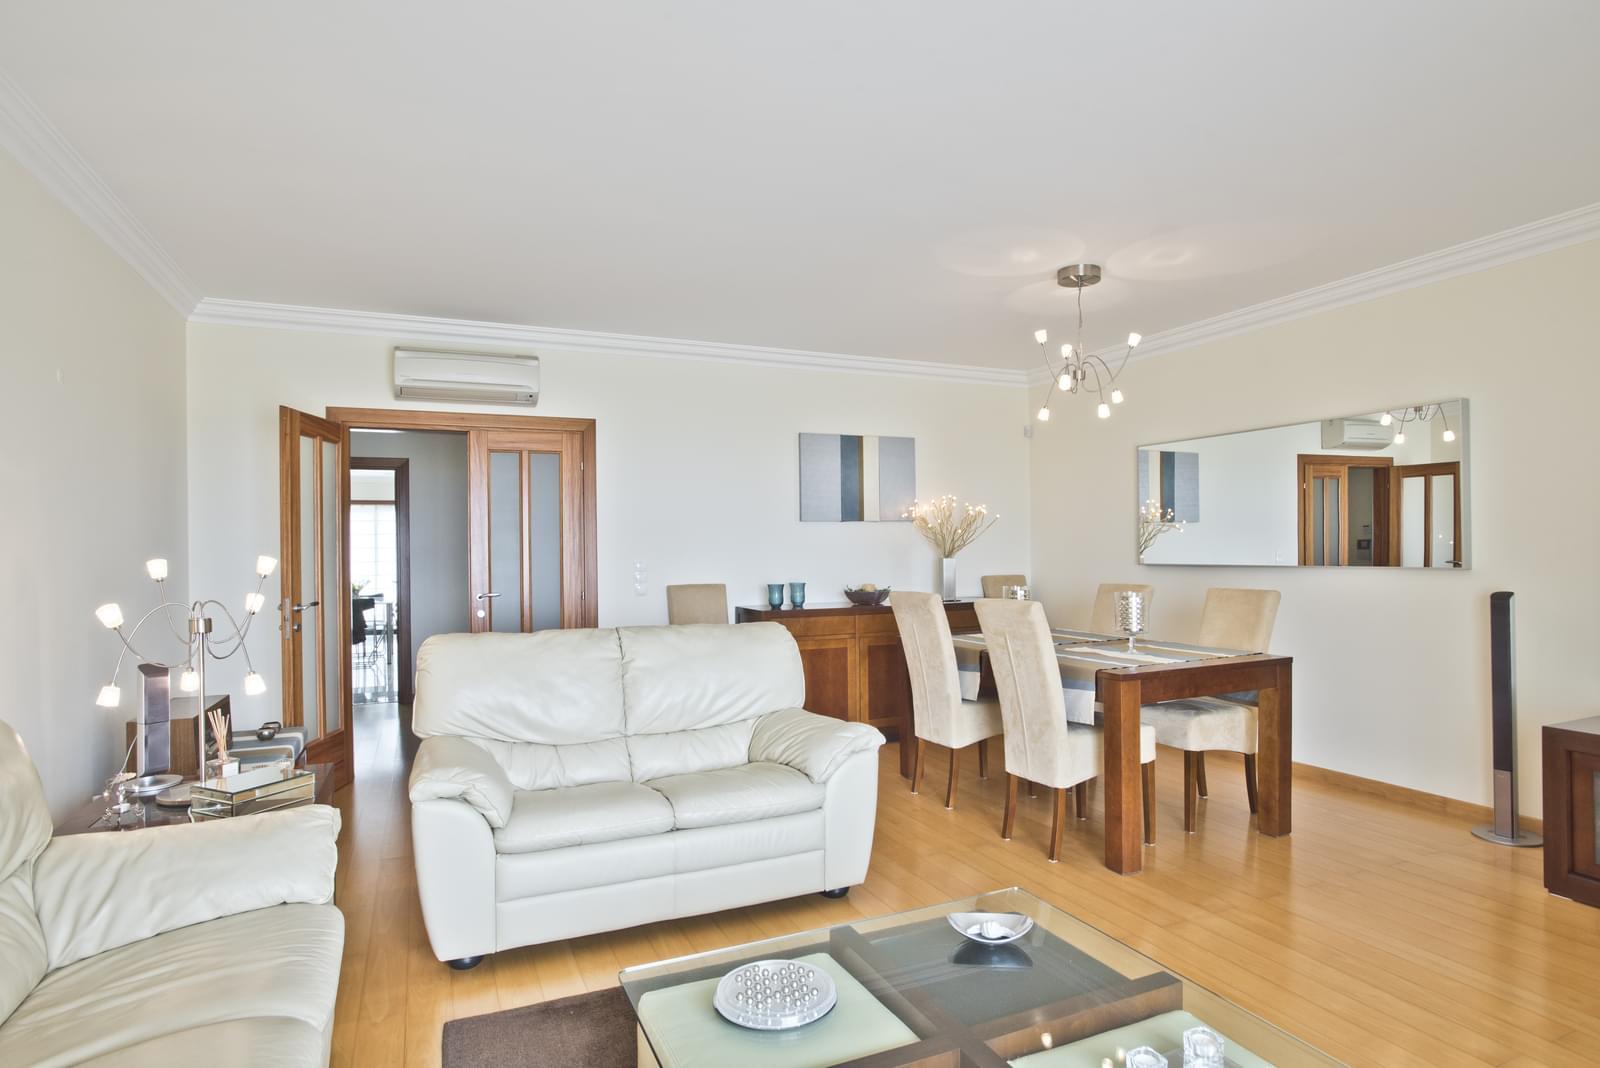 pf17004-apartamento-t3-cascais-50d117d1-3aec-464e-a3ac-e7baca0aeea8